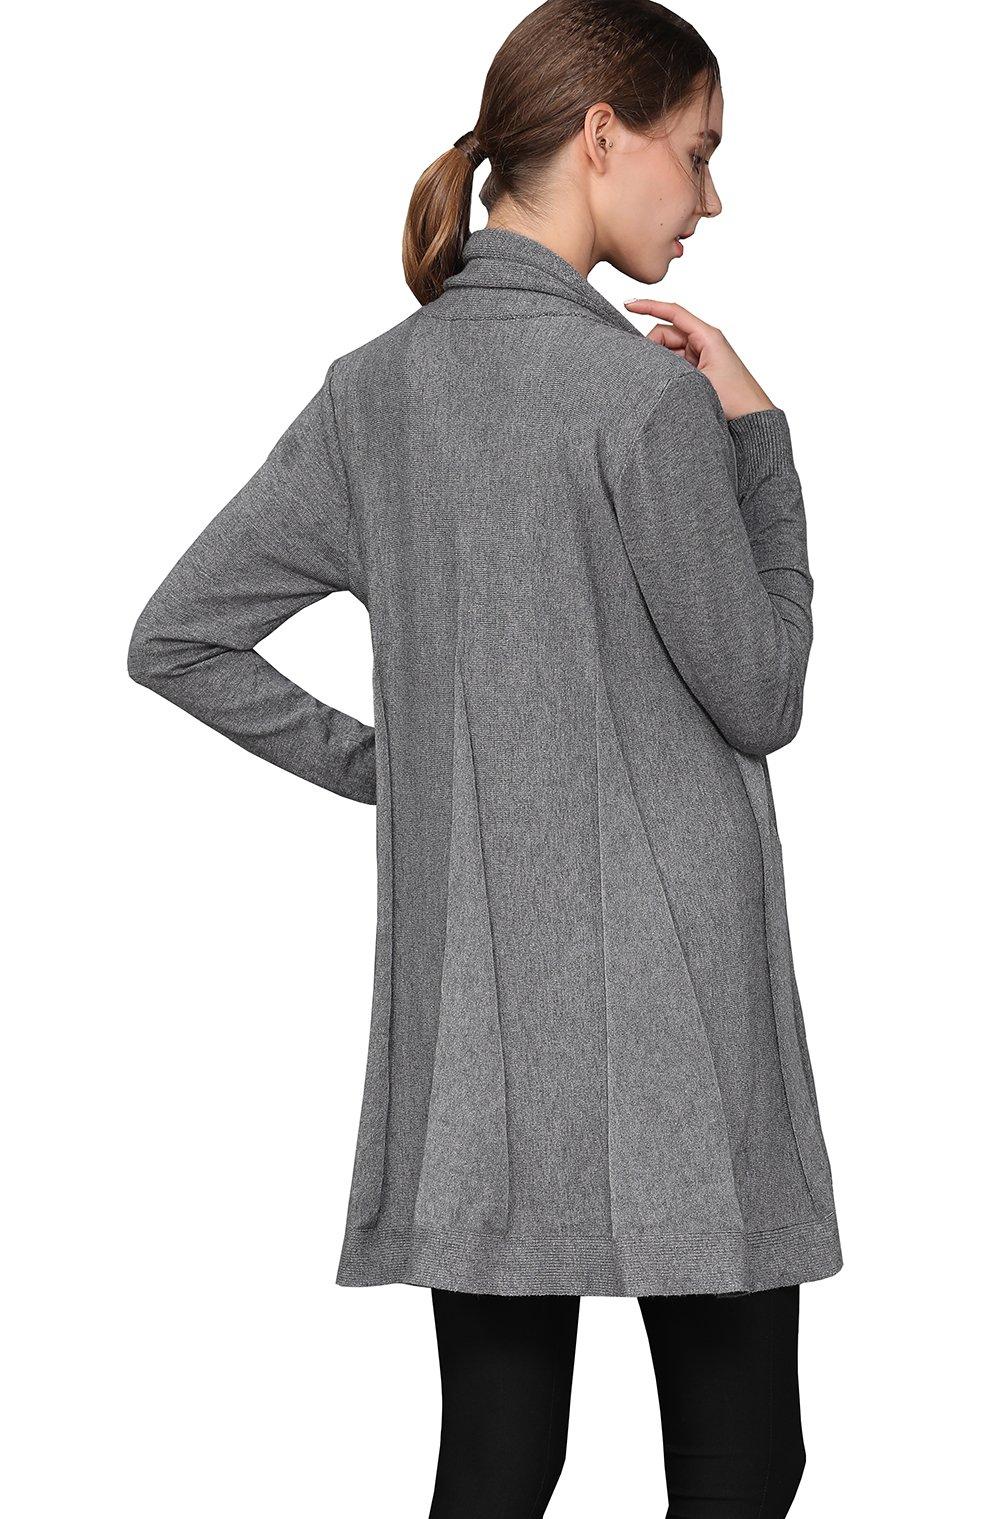 shengweiao Womens Long Sleeve Classic Knit Cardigan Sweater (Large, Dark Grey) by shengweiao (Image #5)